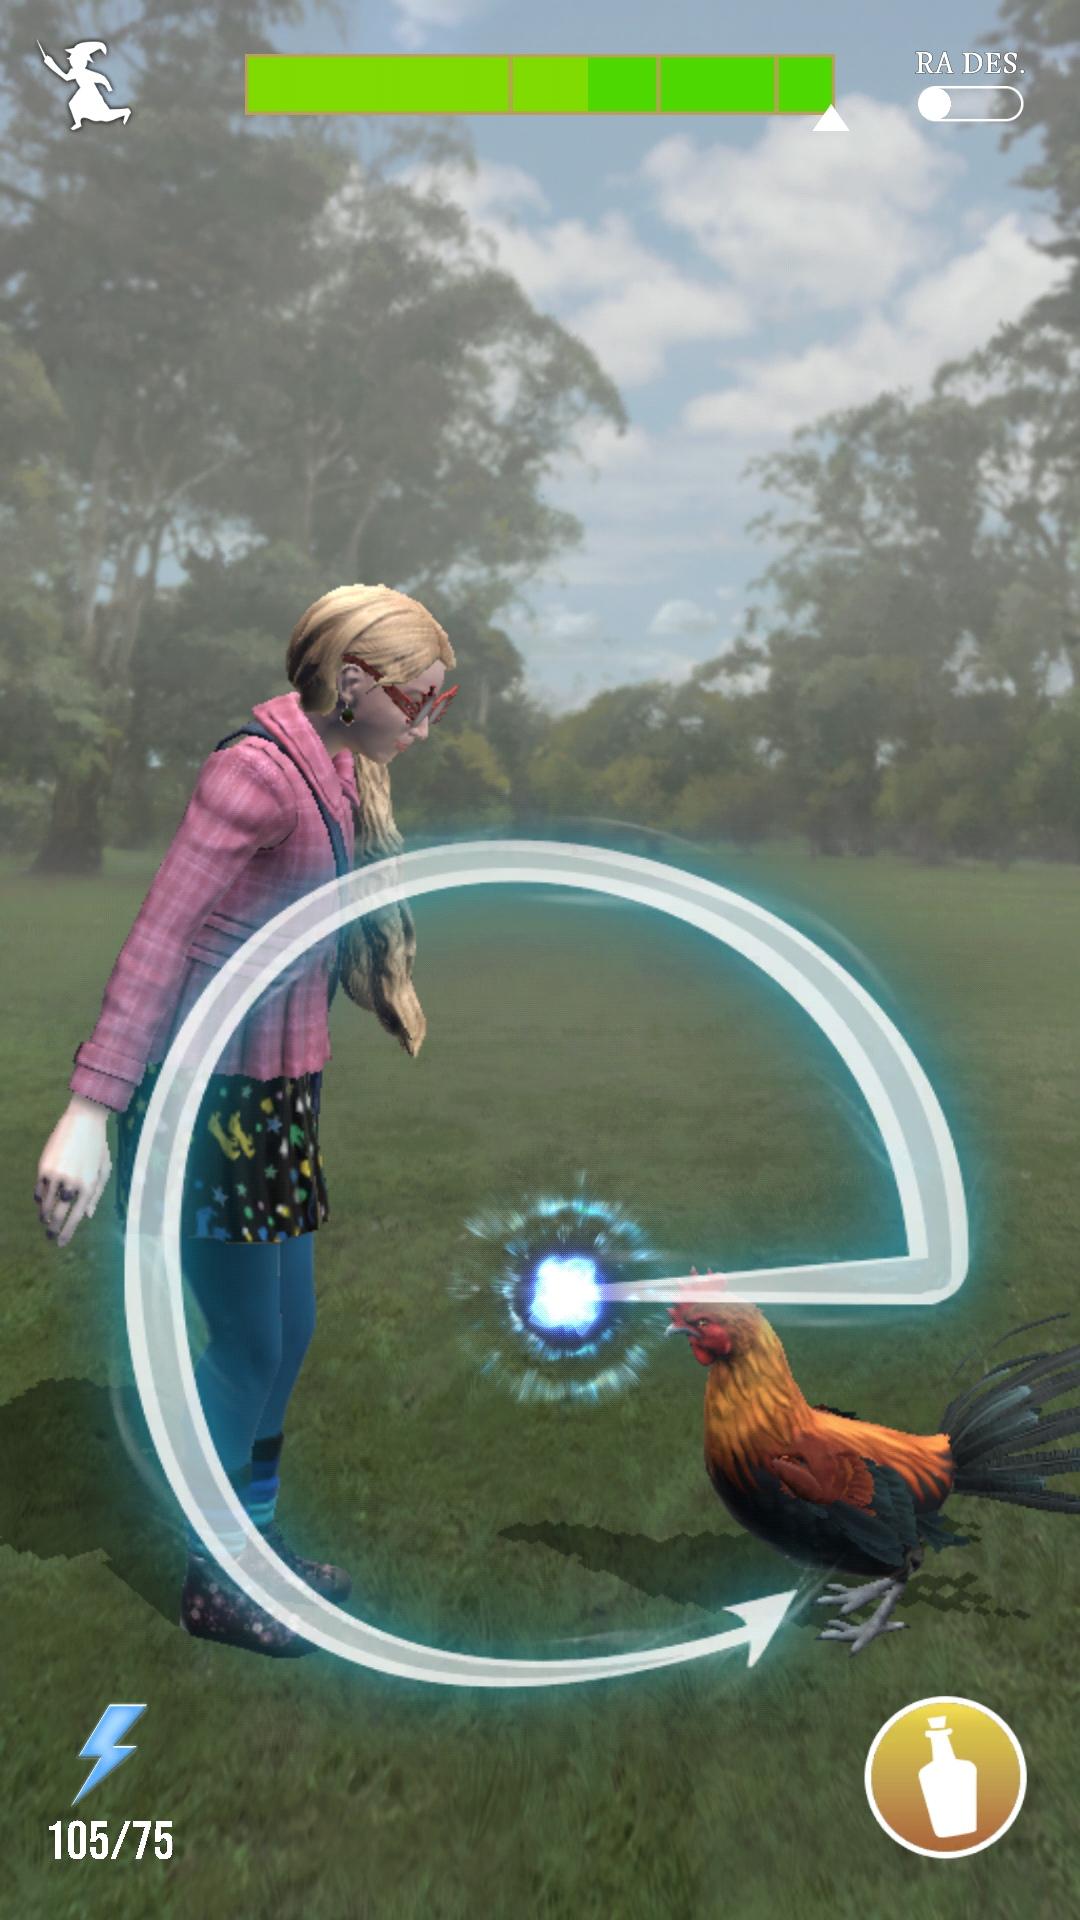 Wizards Unite - Imagem 1 do software